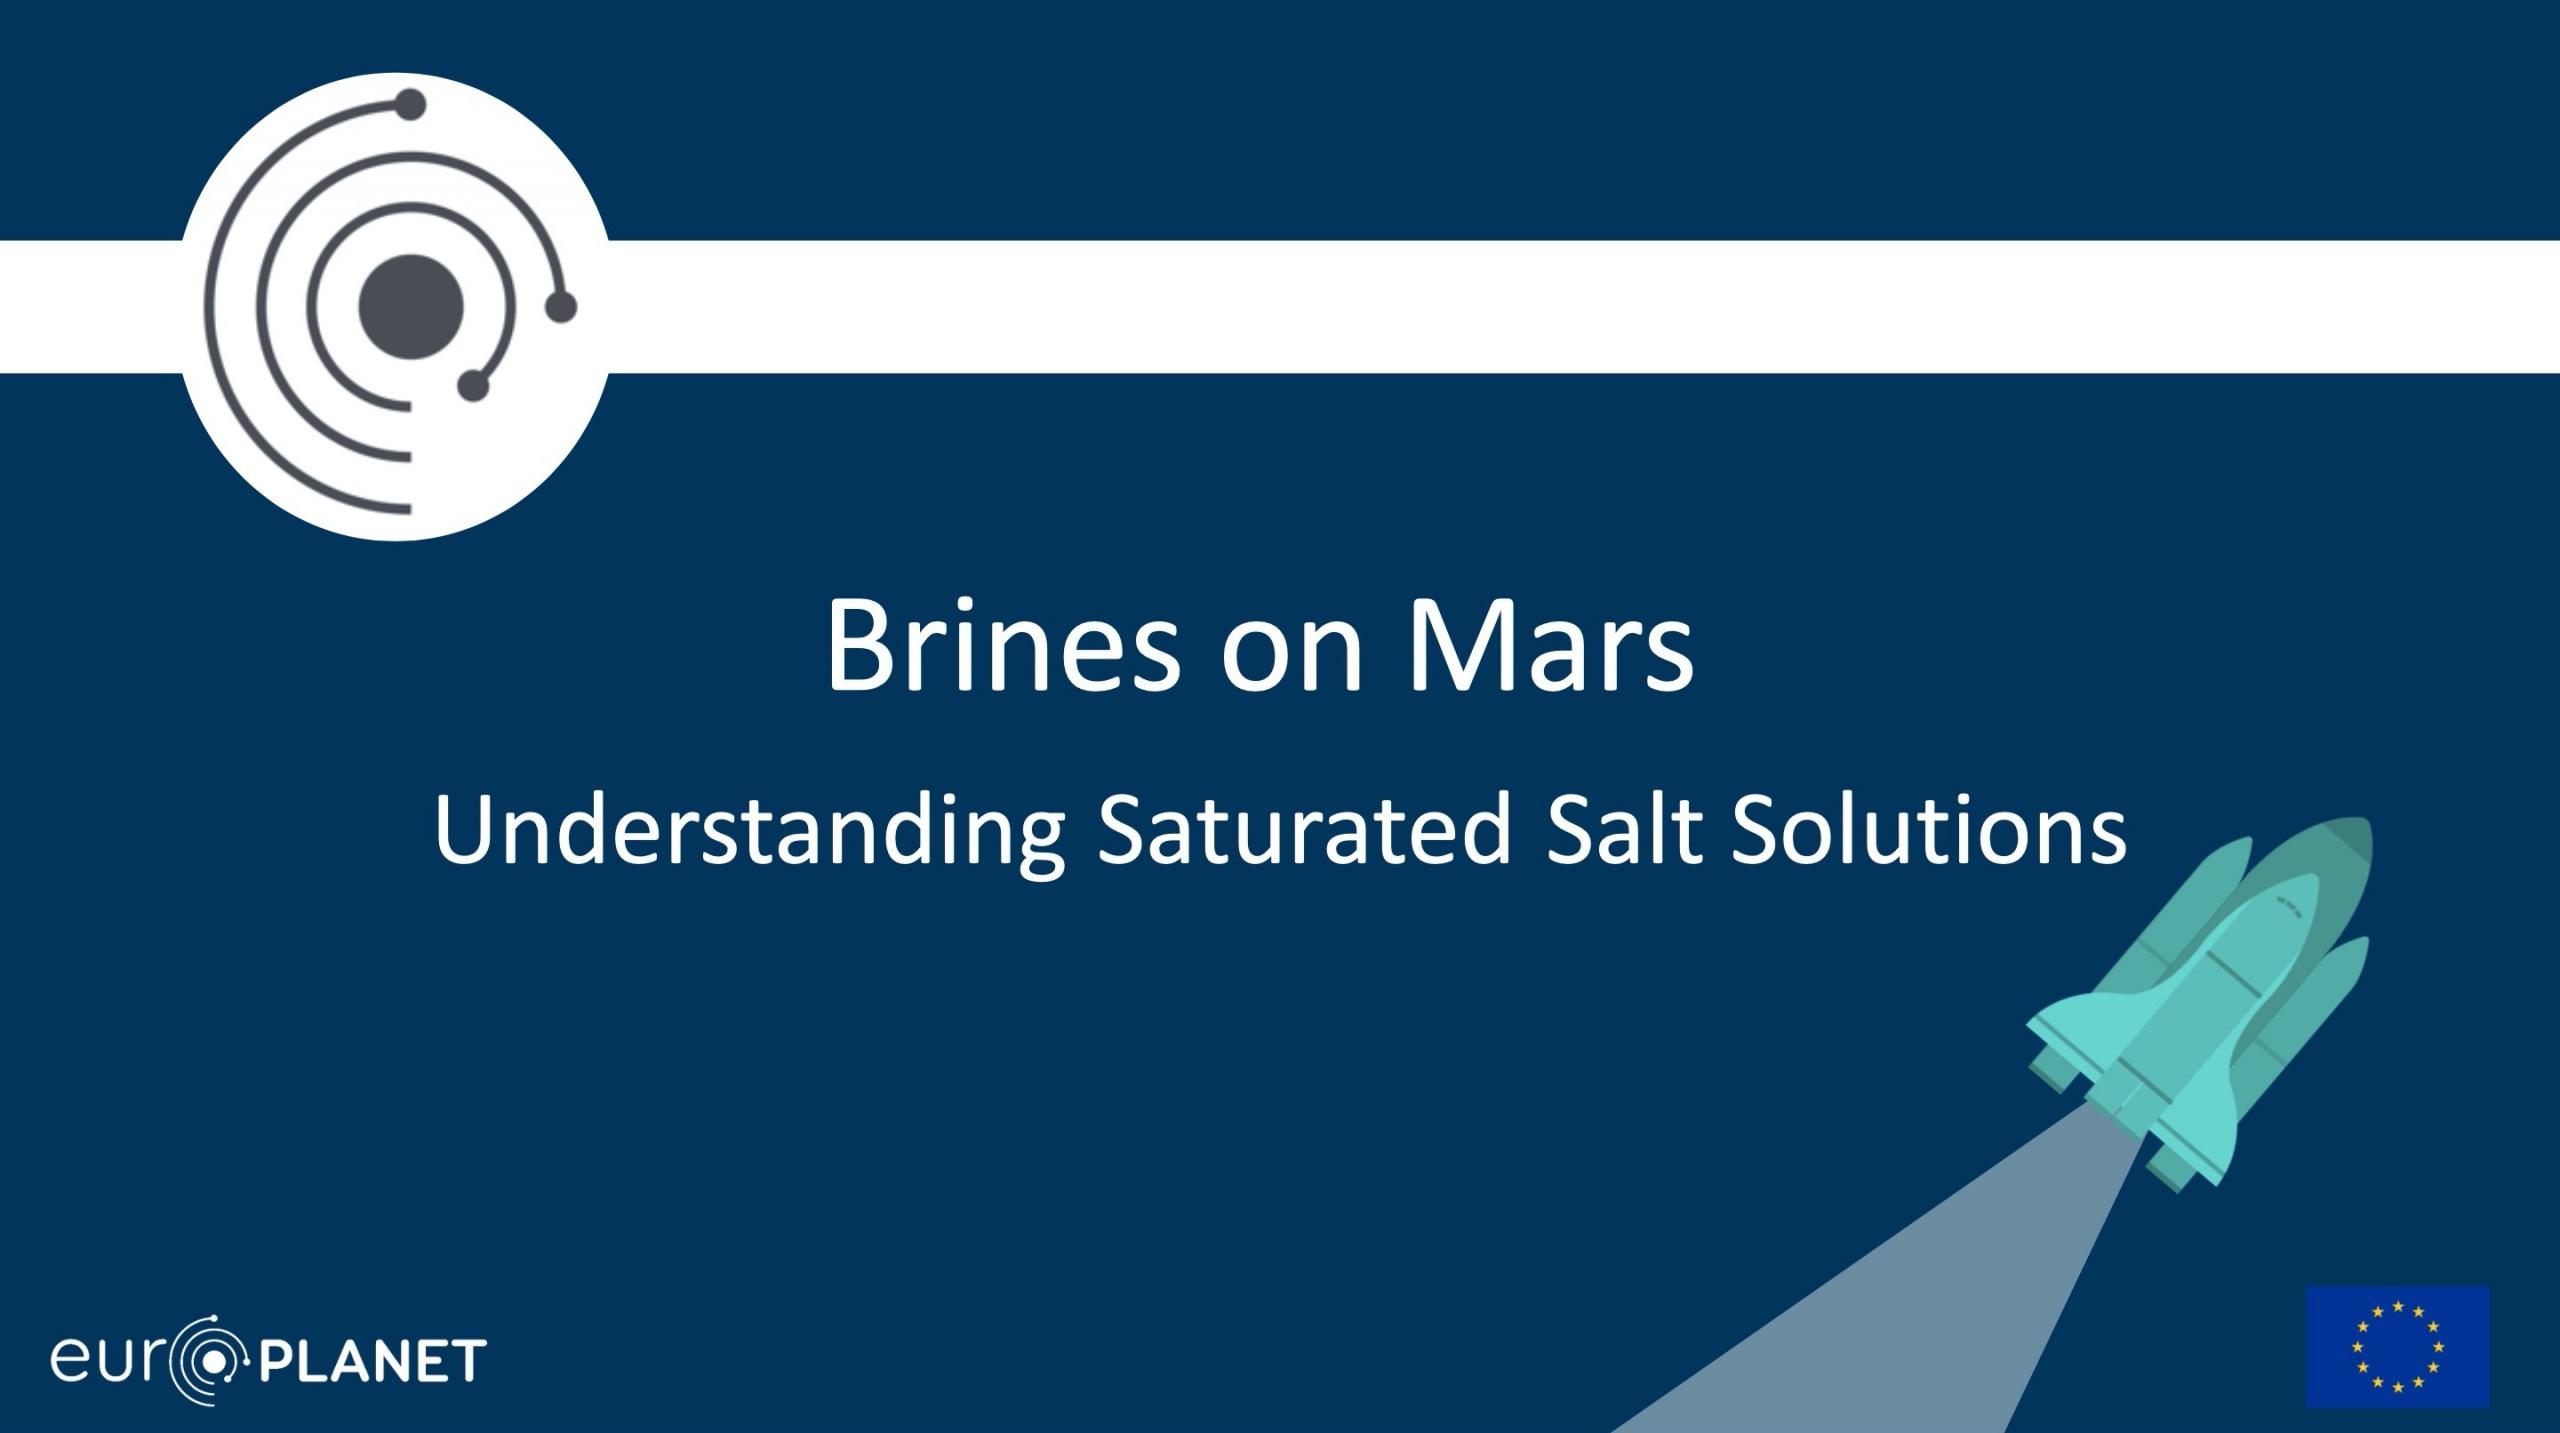 Mars Educational Resources - Brines on Mars